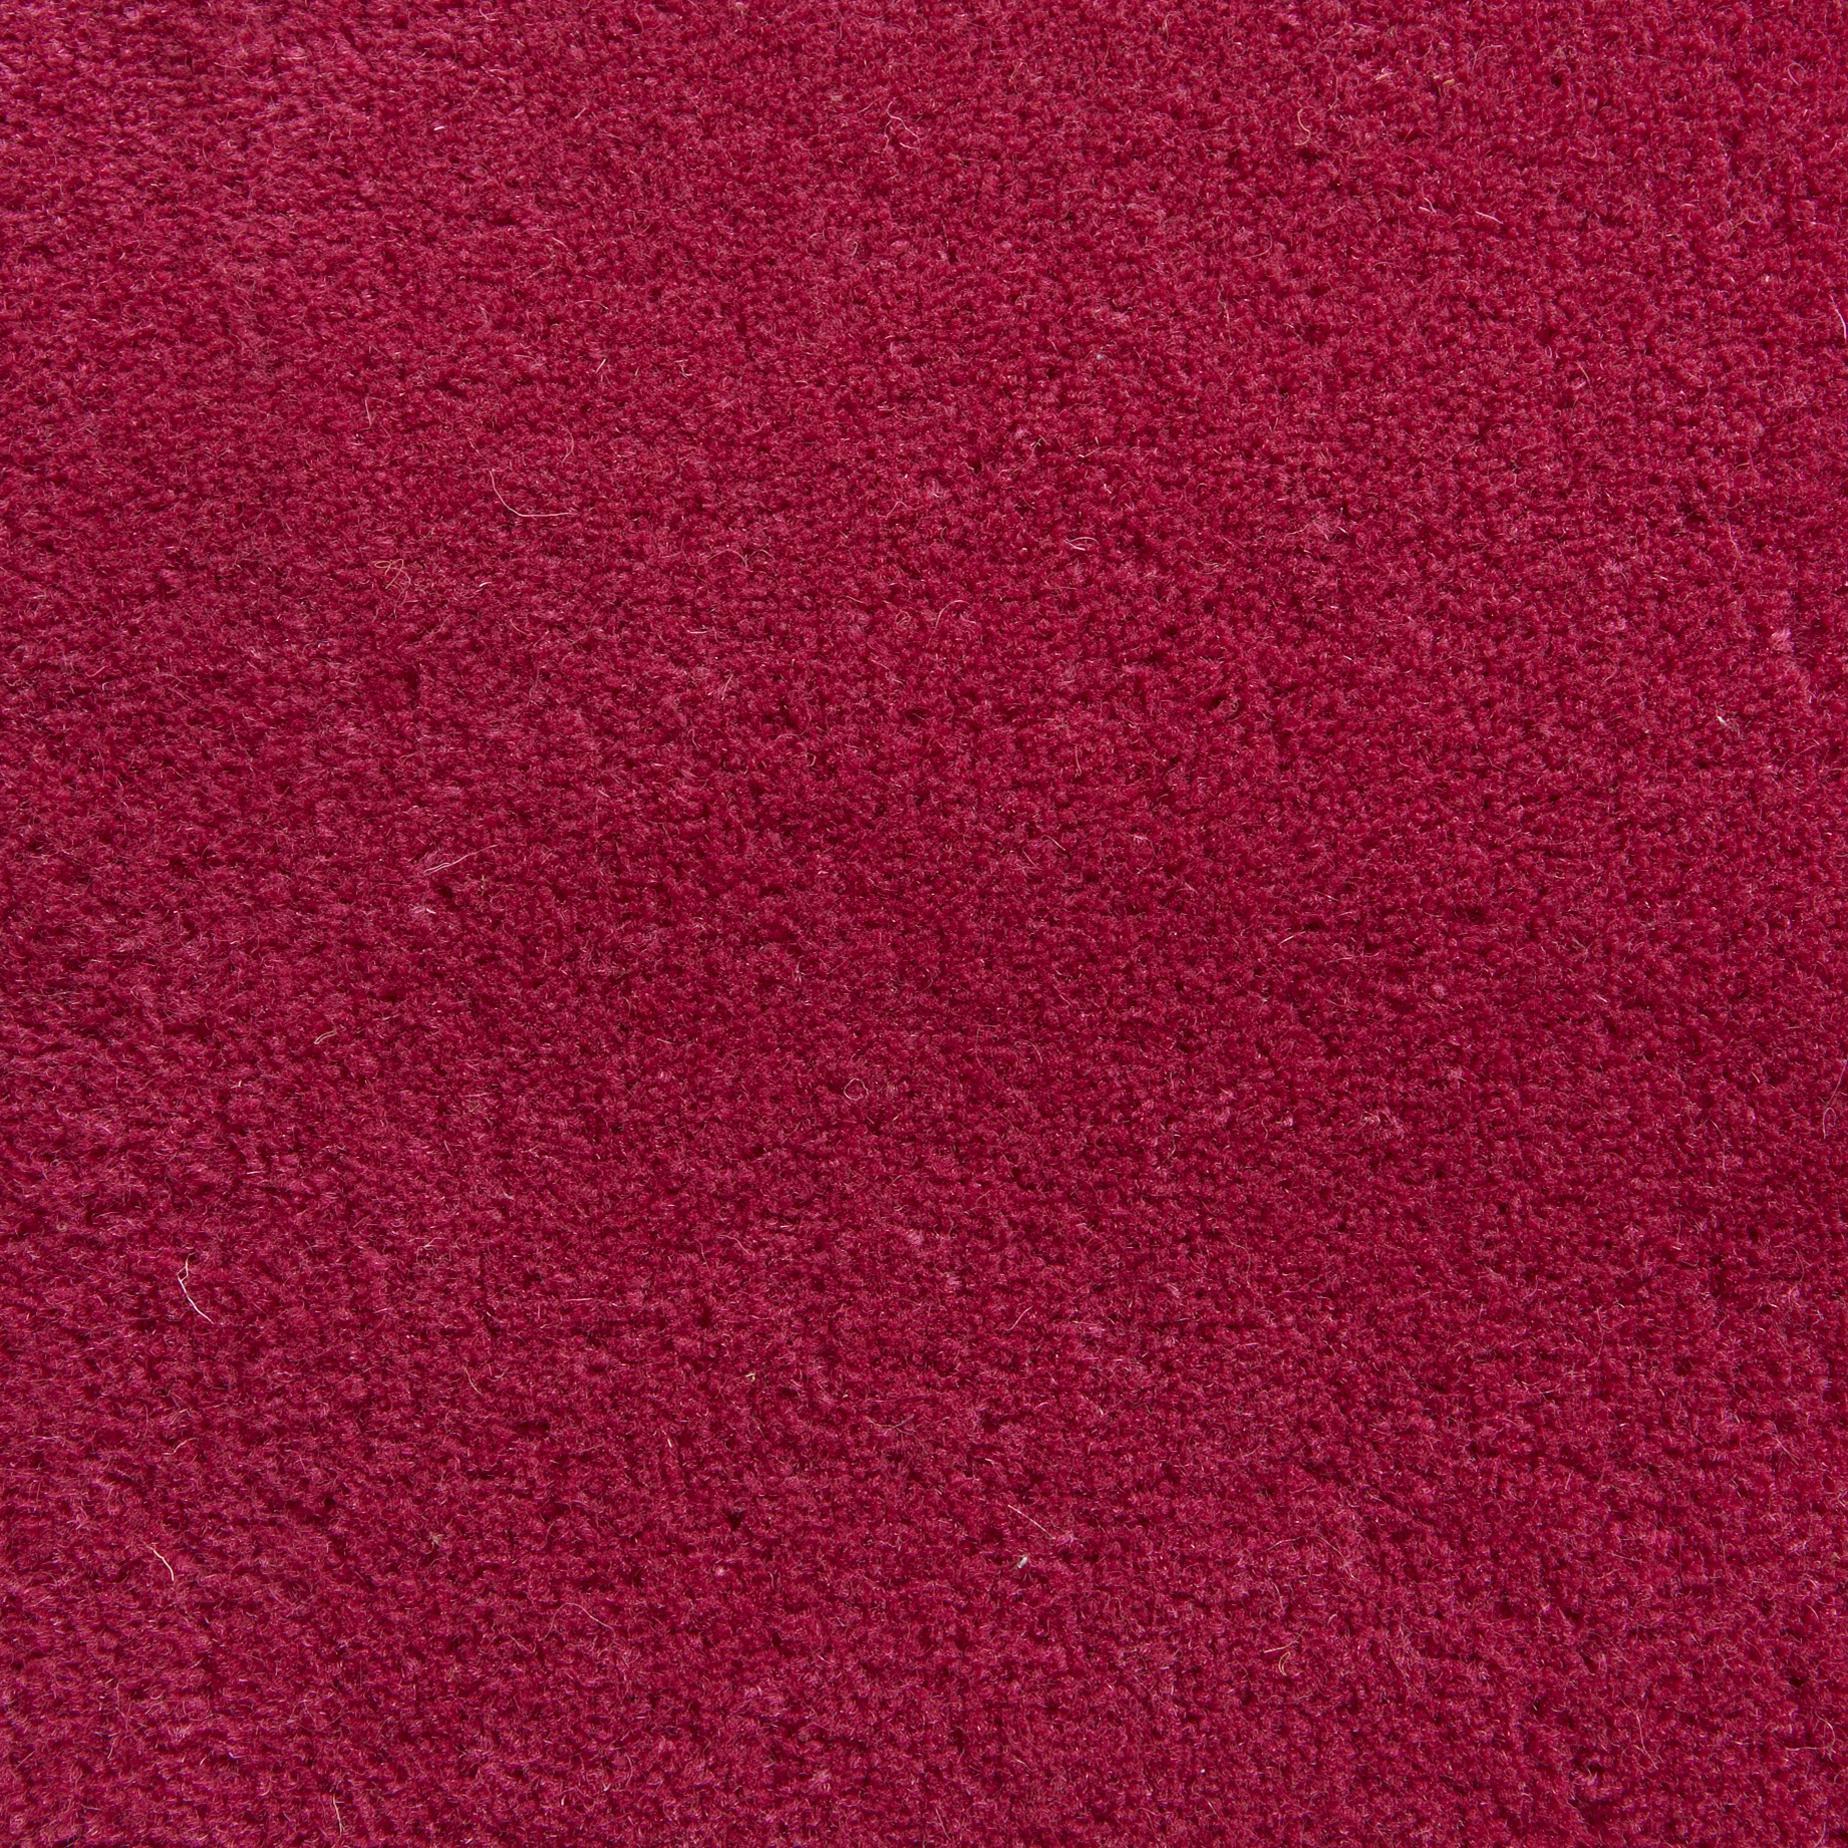 solo tapis du designer ligne roset site officiel. Black Bedroom Furniture Sets. Home Design Ideas